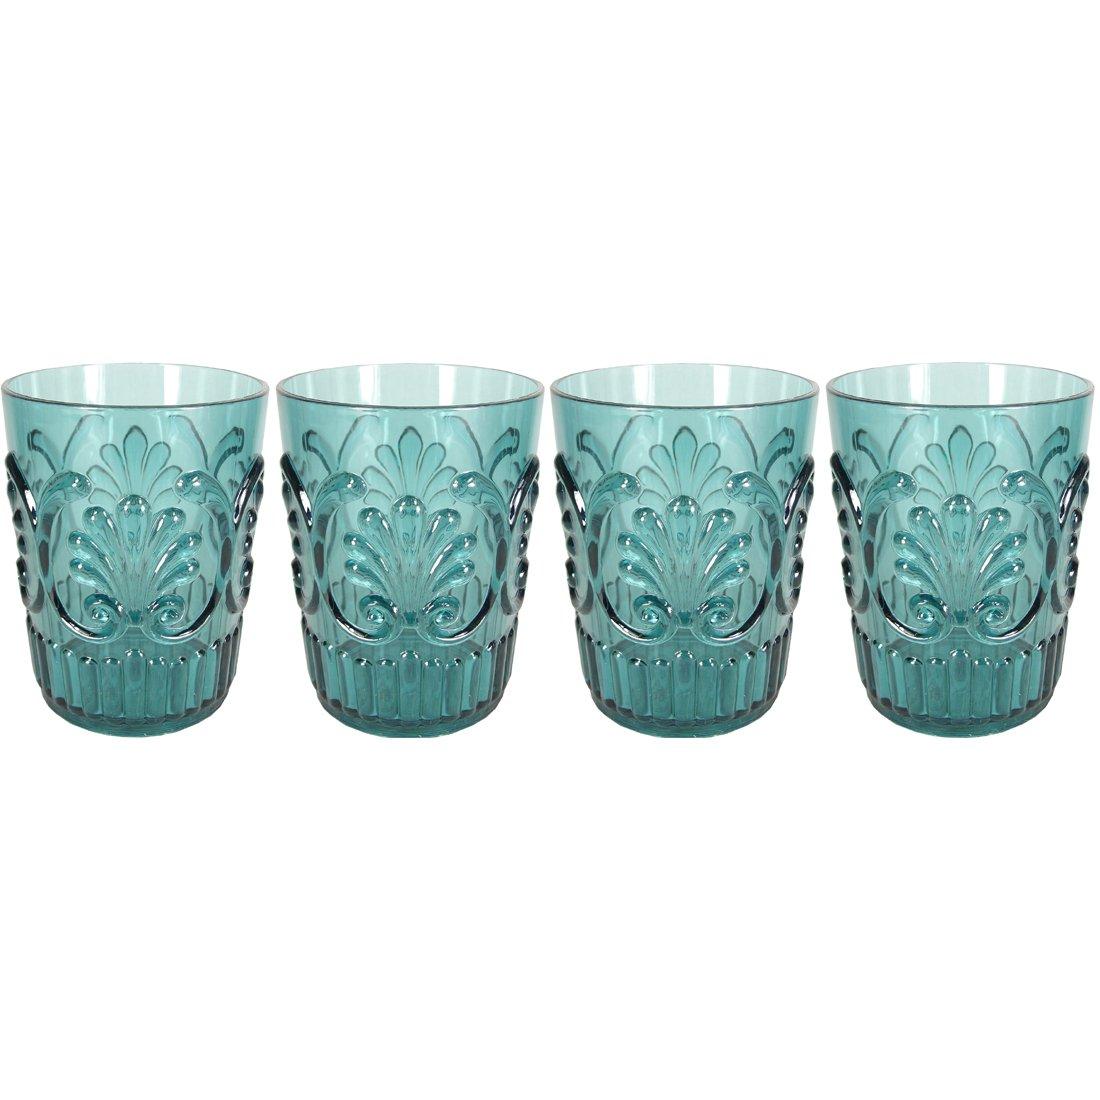 Le Cadeaux Fleur Teal Blue 4 Piece Water Glass Set LeCadeaux